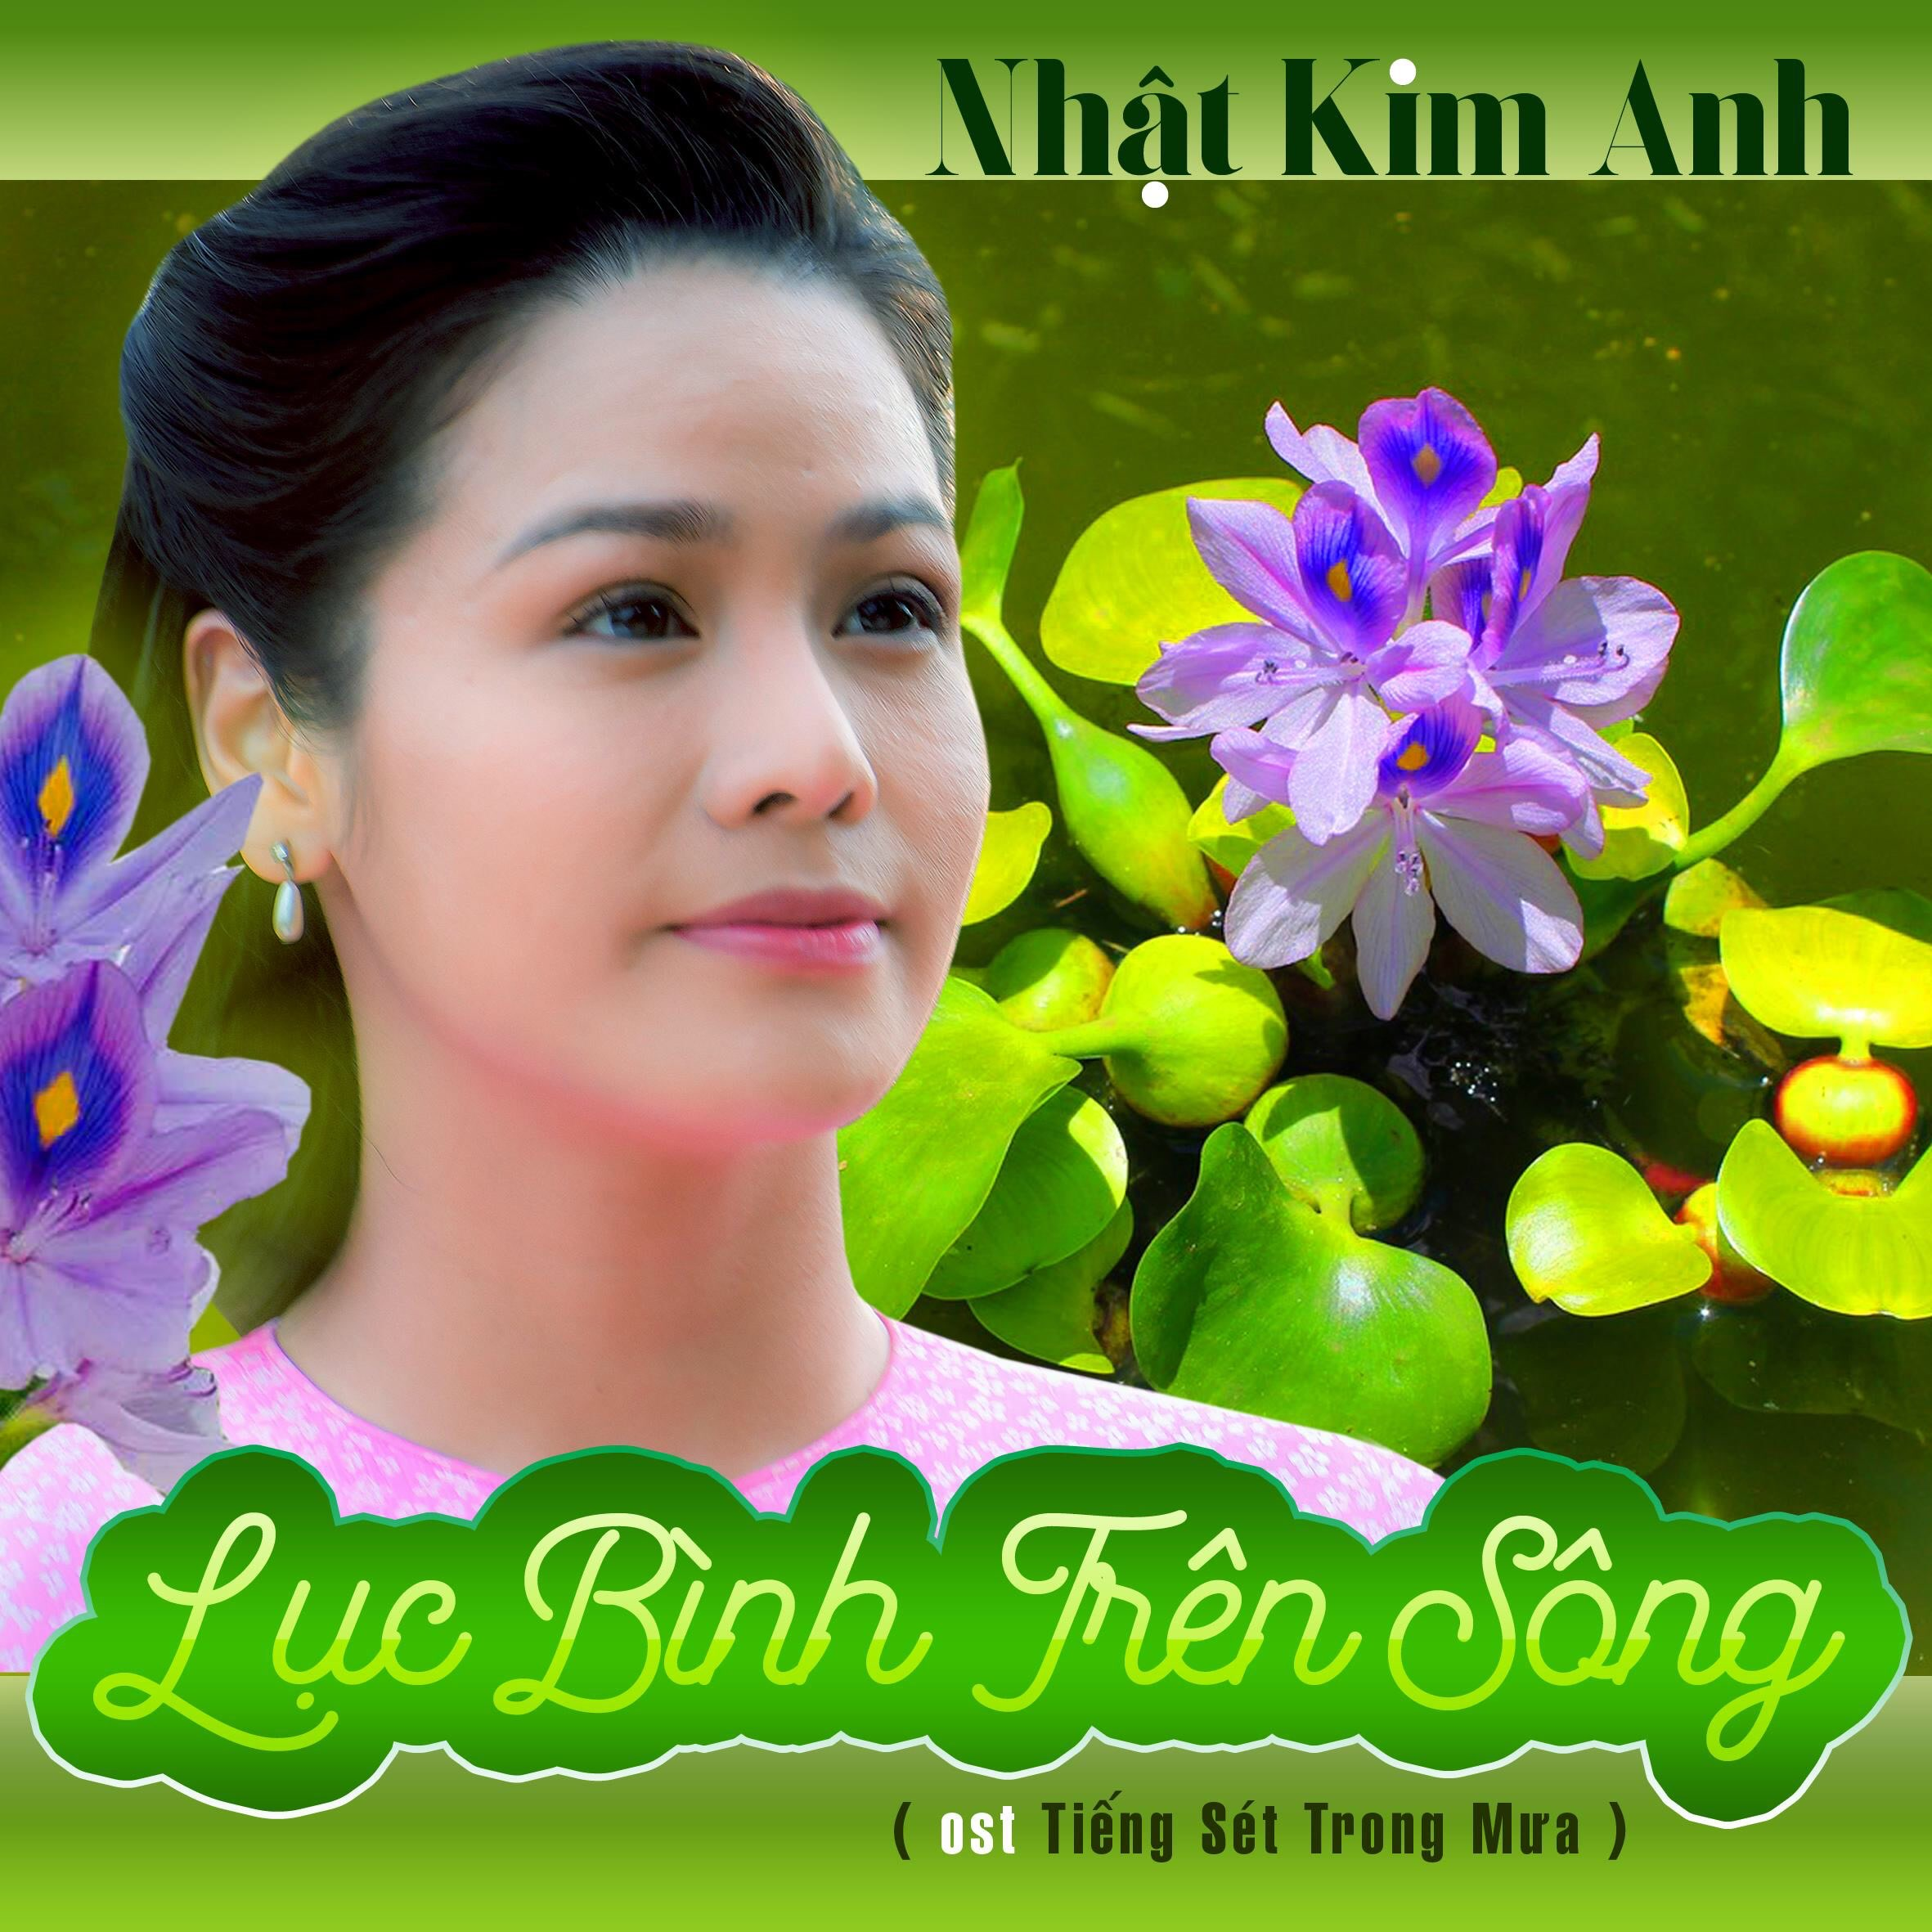 Lục Bình Trên Sông (Tiếng Sét Trong Mưa OST) (Single) - Nhật Kim Anh